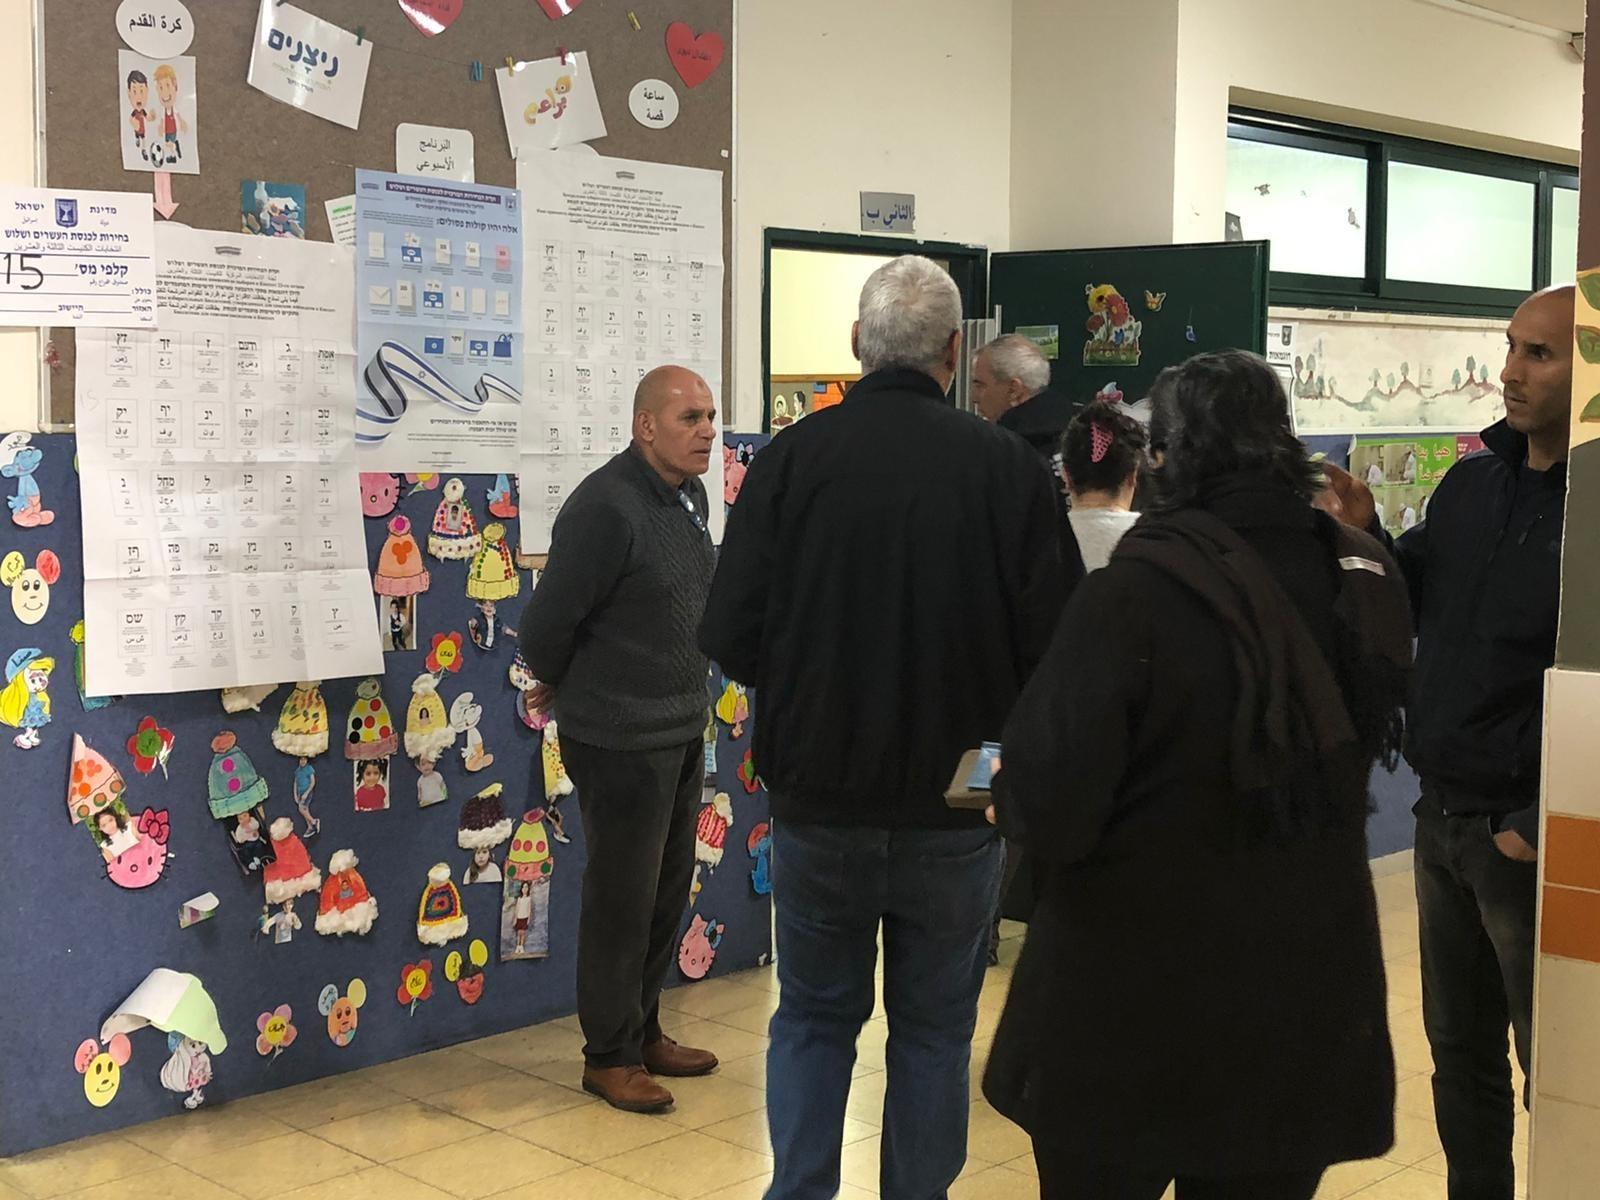 لجنة الانتخابات الإسرائيلية: نسبة التصويت هي الأعلى منذ سنوات